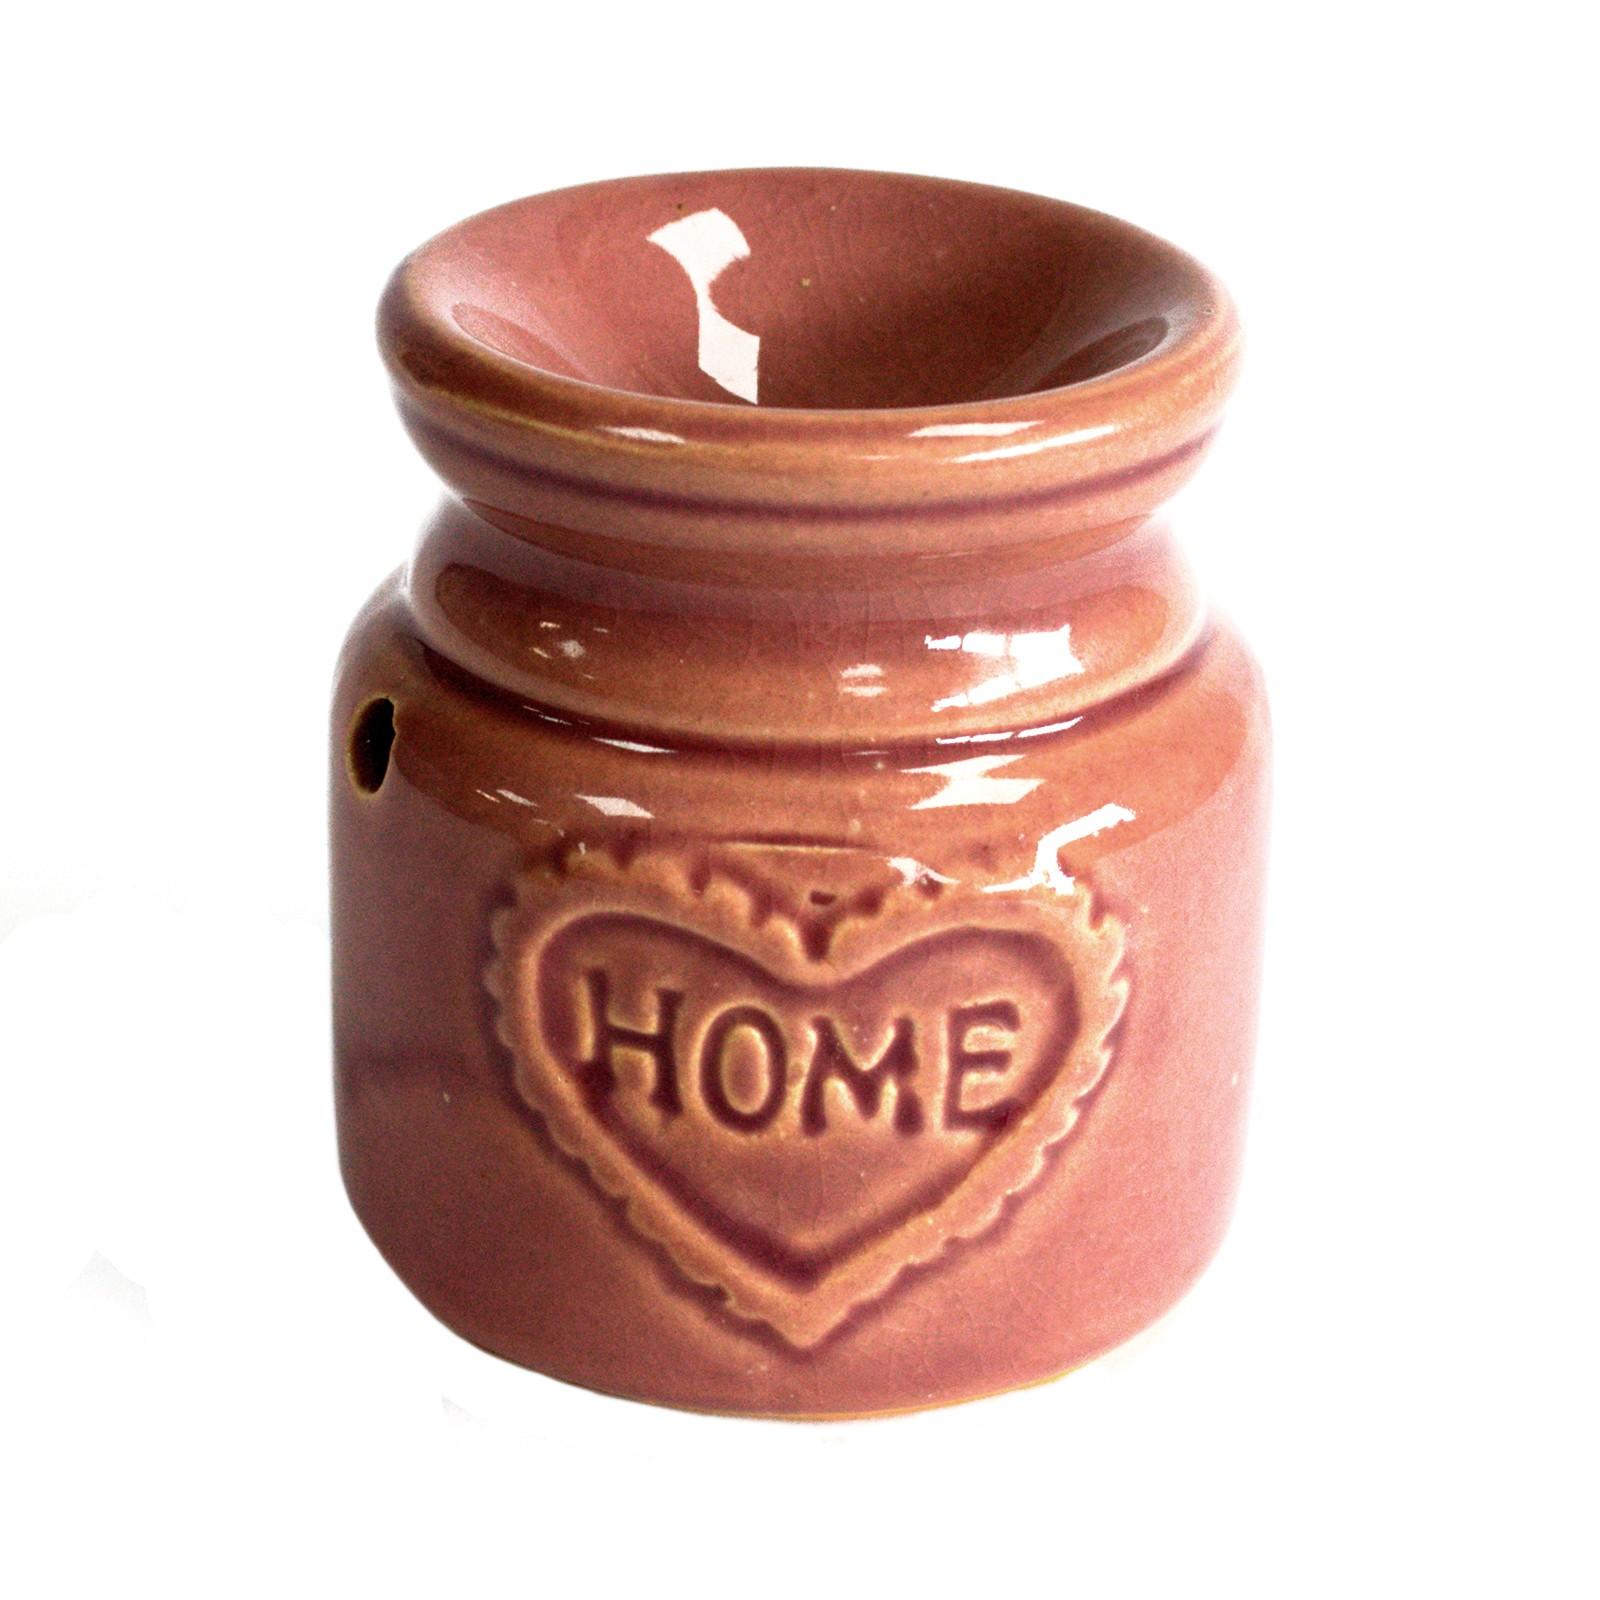 Sm Home Oil Burner Lavender Home